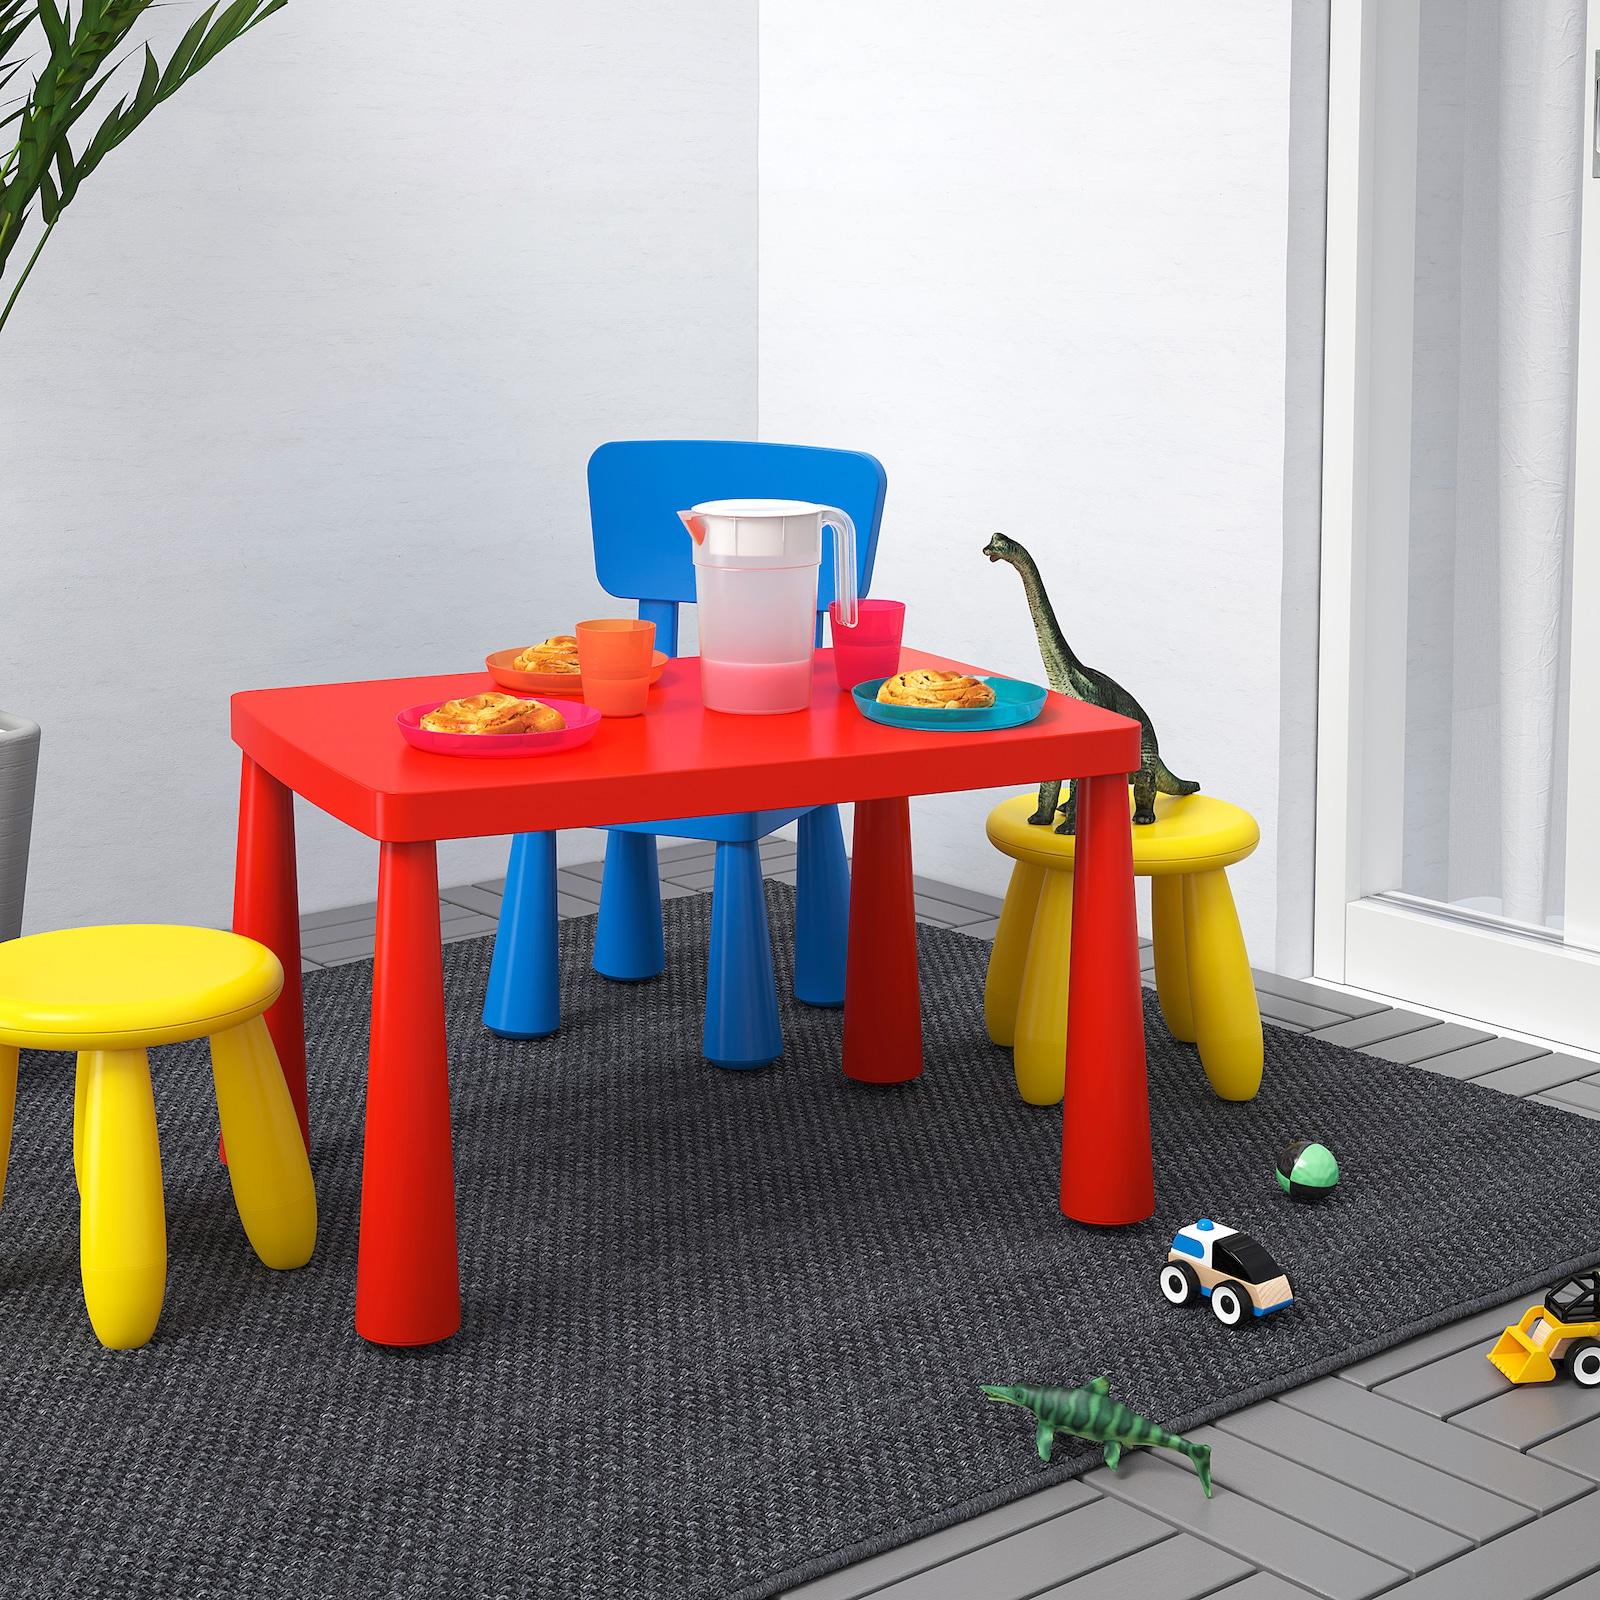 Mesa para niños, int/ext rojo 77x55 cm ( y en blanco)